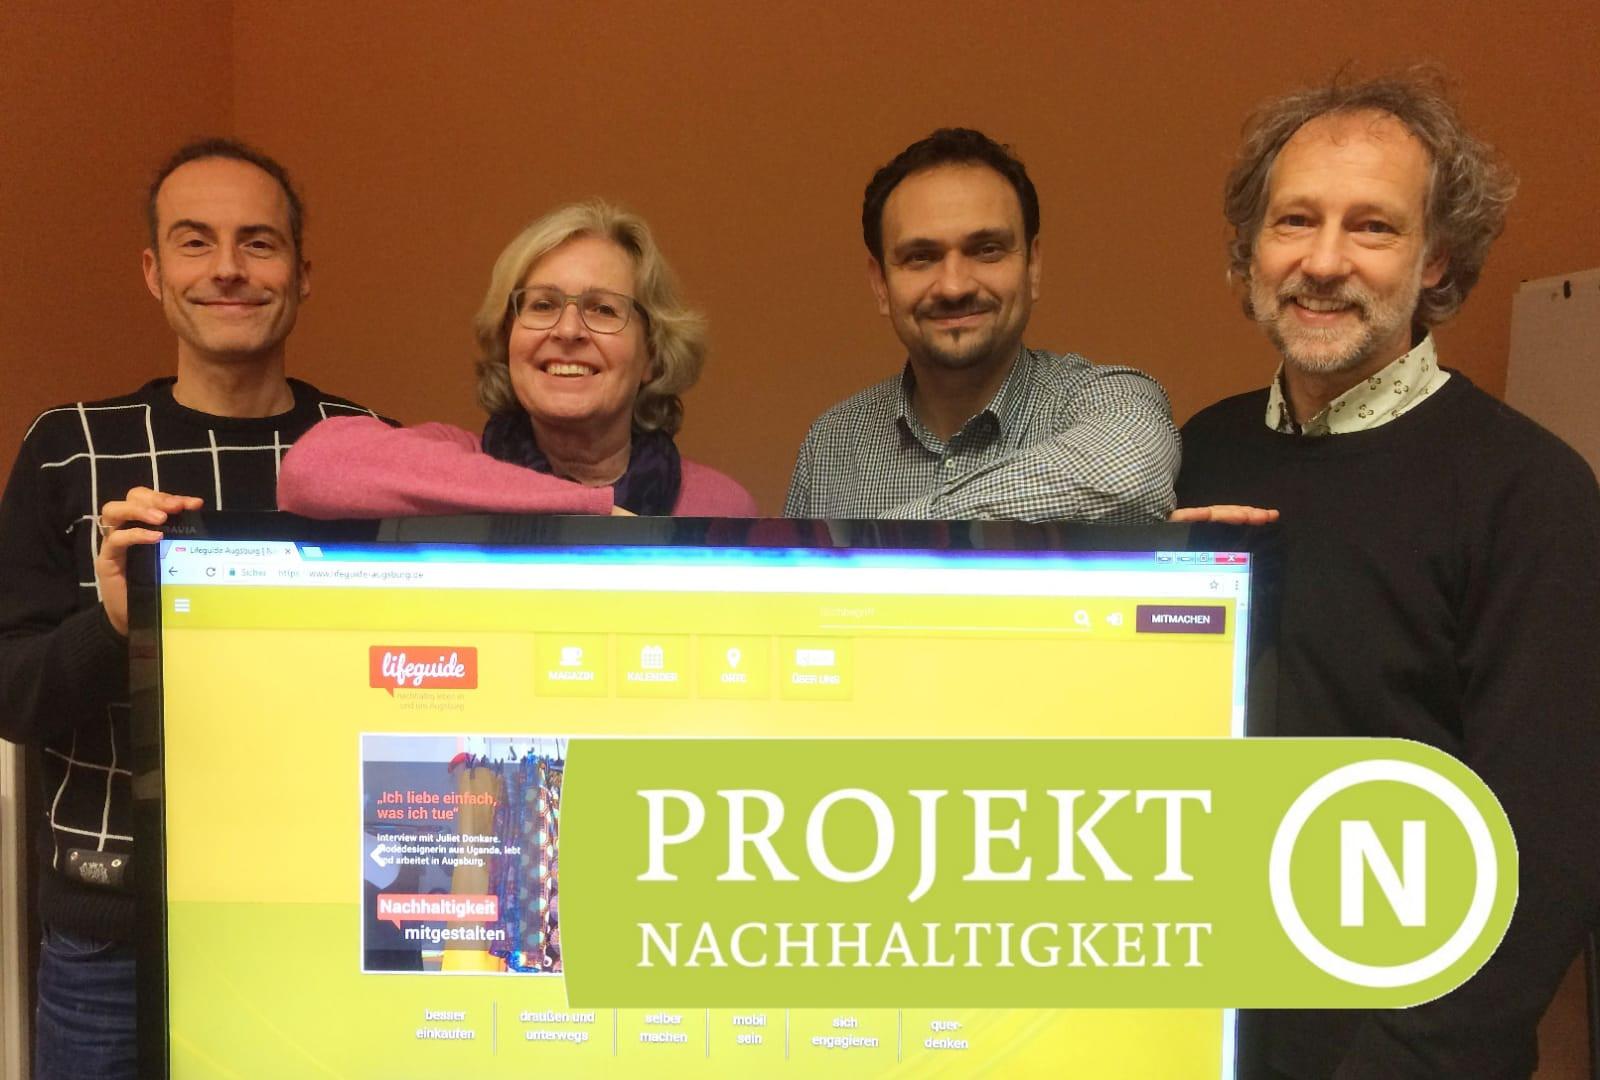 Der Vorstand des Lifeguide Augsburg: Torsten Mertz, Cynthia Matuszewski, Manfred Agnethler, Dr. Norbert Stamm